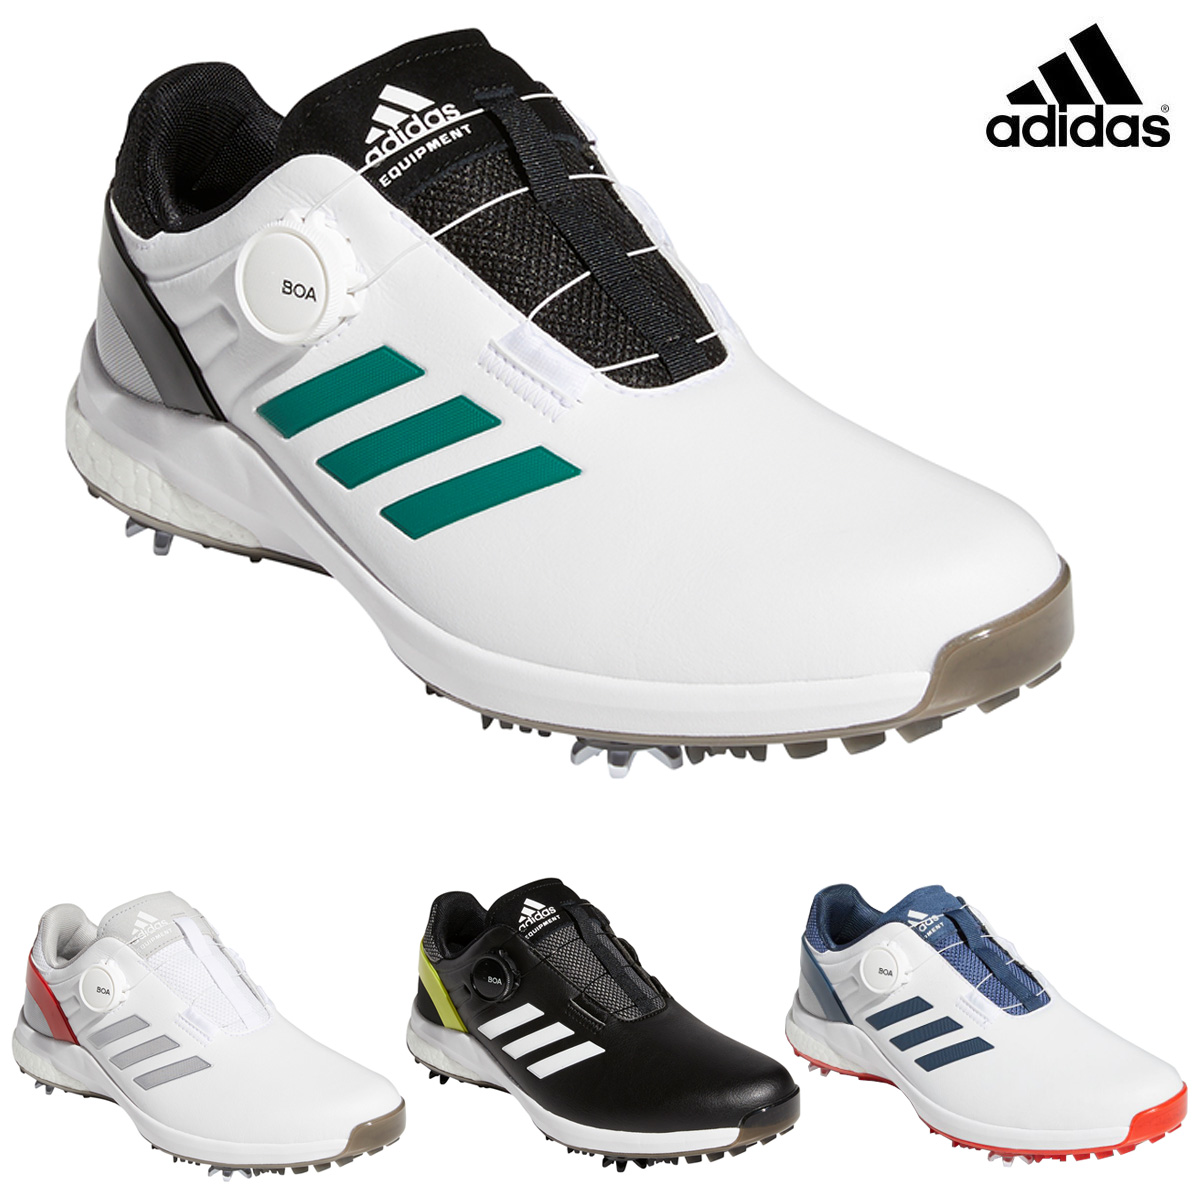 高いクオリティとパフォーマンス 新着 adidas Golf アディダスゴルフ 日本正規品 ソフトスパイクゴルフシューズ KZK48 EQTボア 新作 大人気 2021新製品 あす楽対応